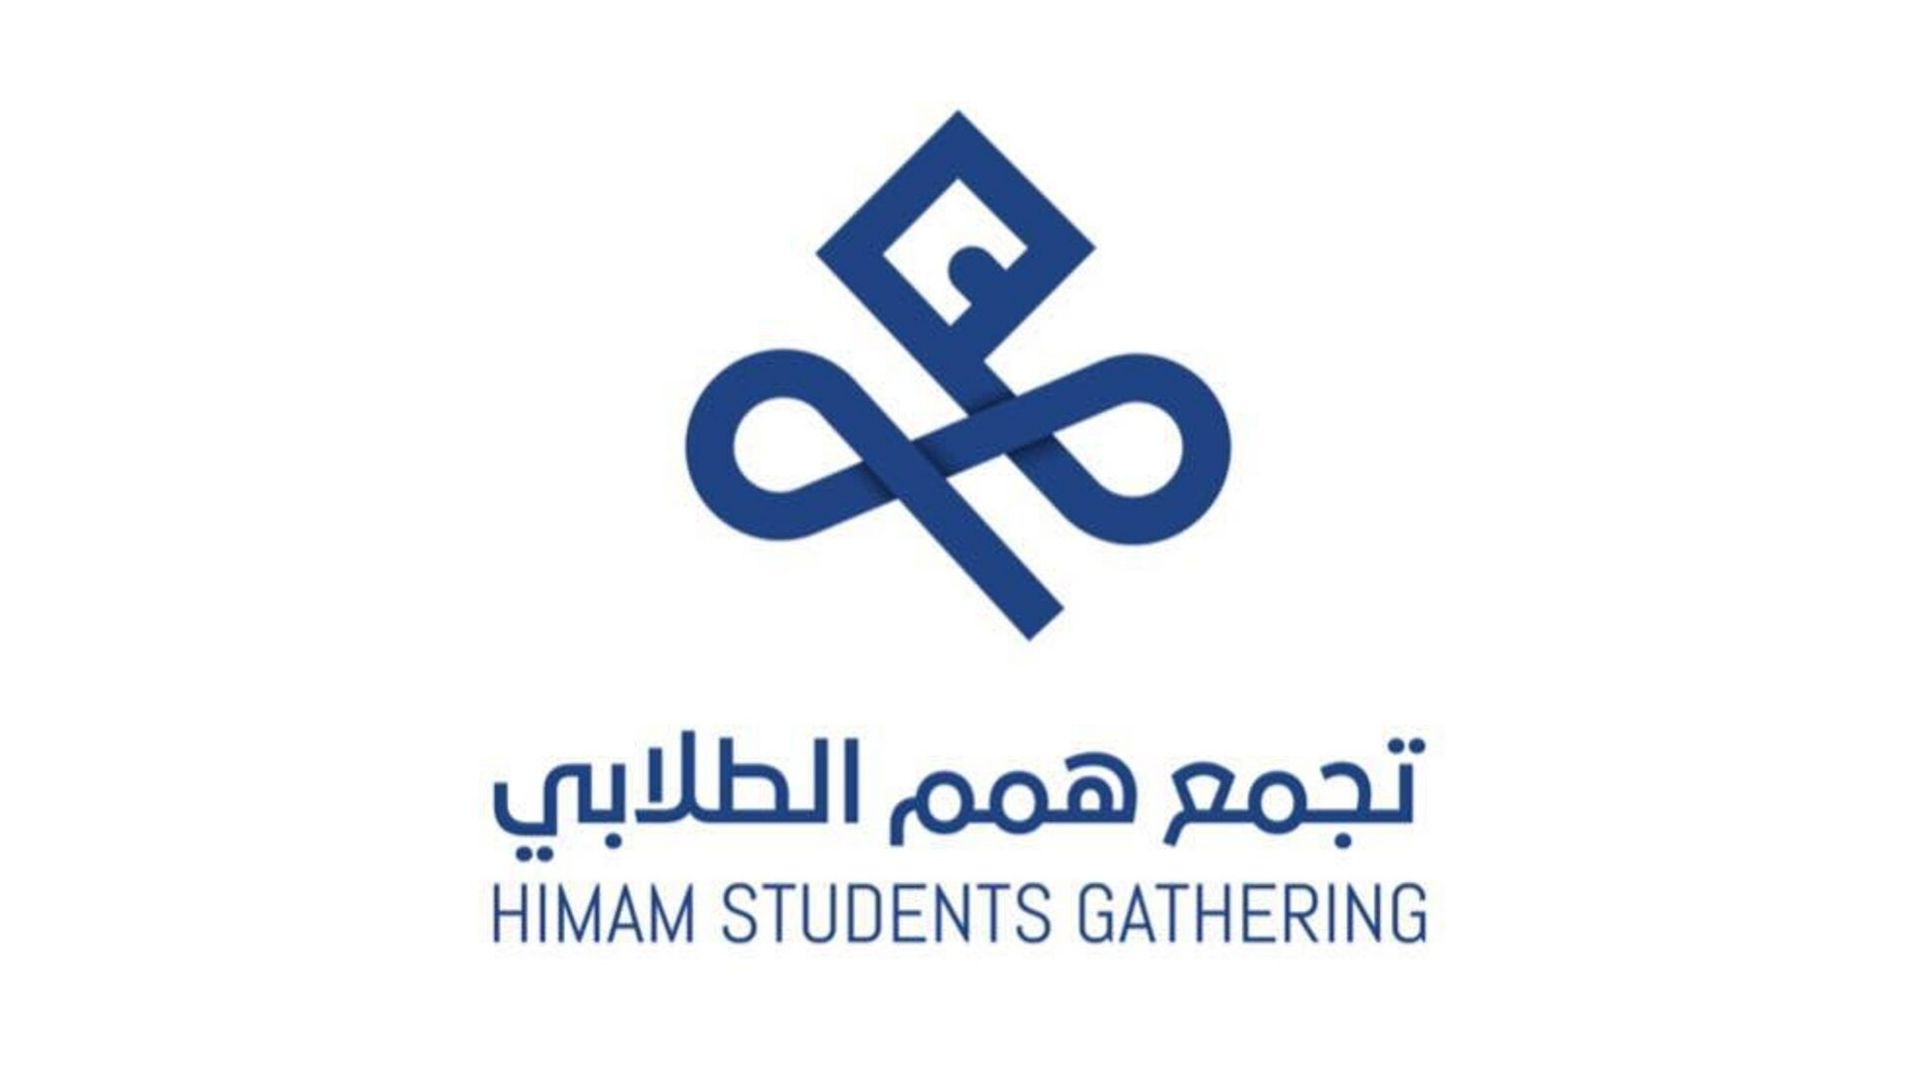 مطالبات طلابية بتفعيل قانوني المنحة وحملة الشهادات العليا